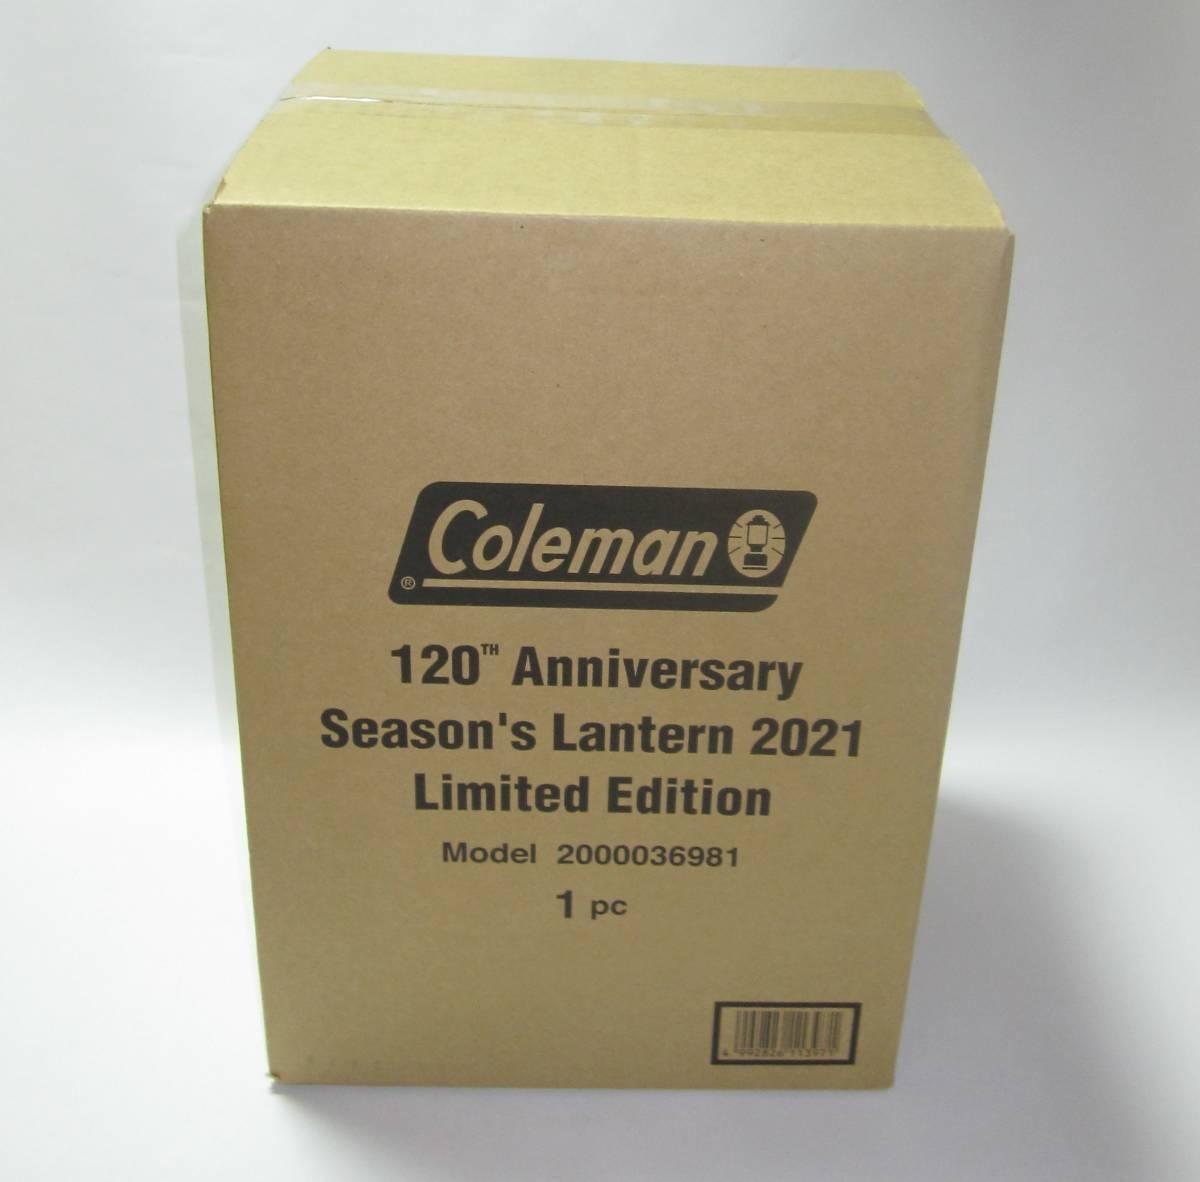 Coleman コールマン 120th アニバーサリー シーズンズランタン 2021 リミテッドエディション 新品